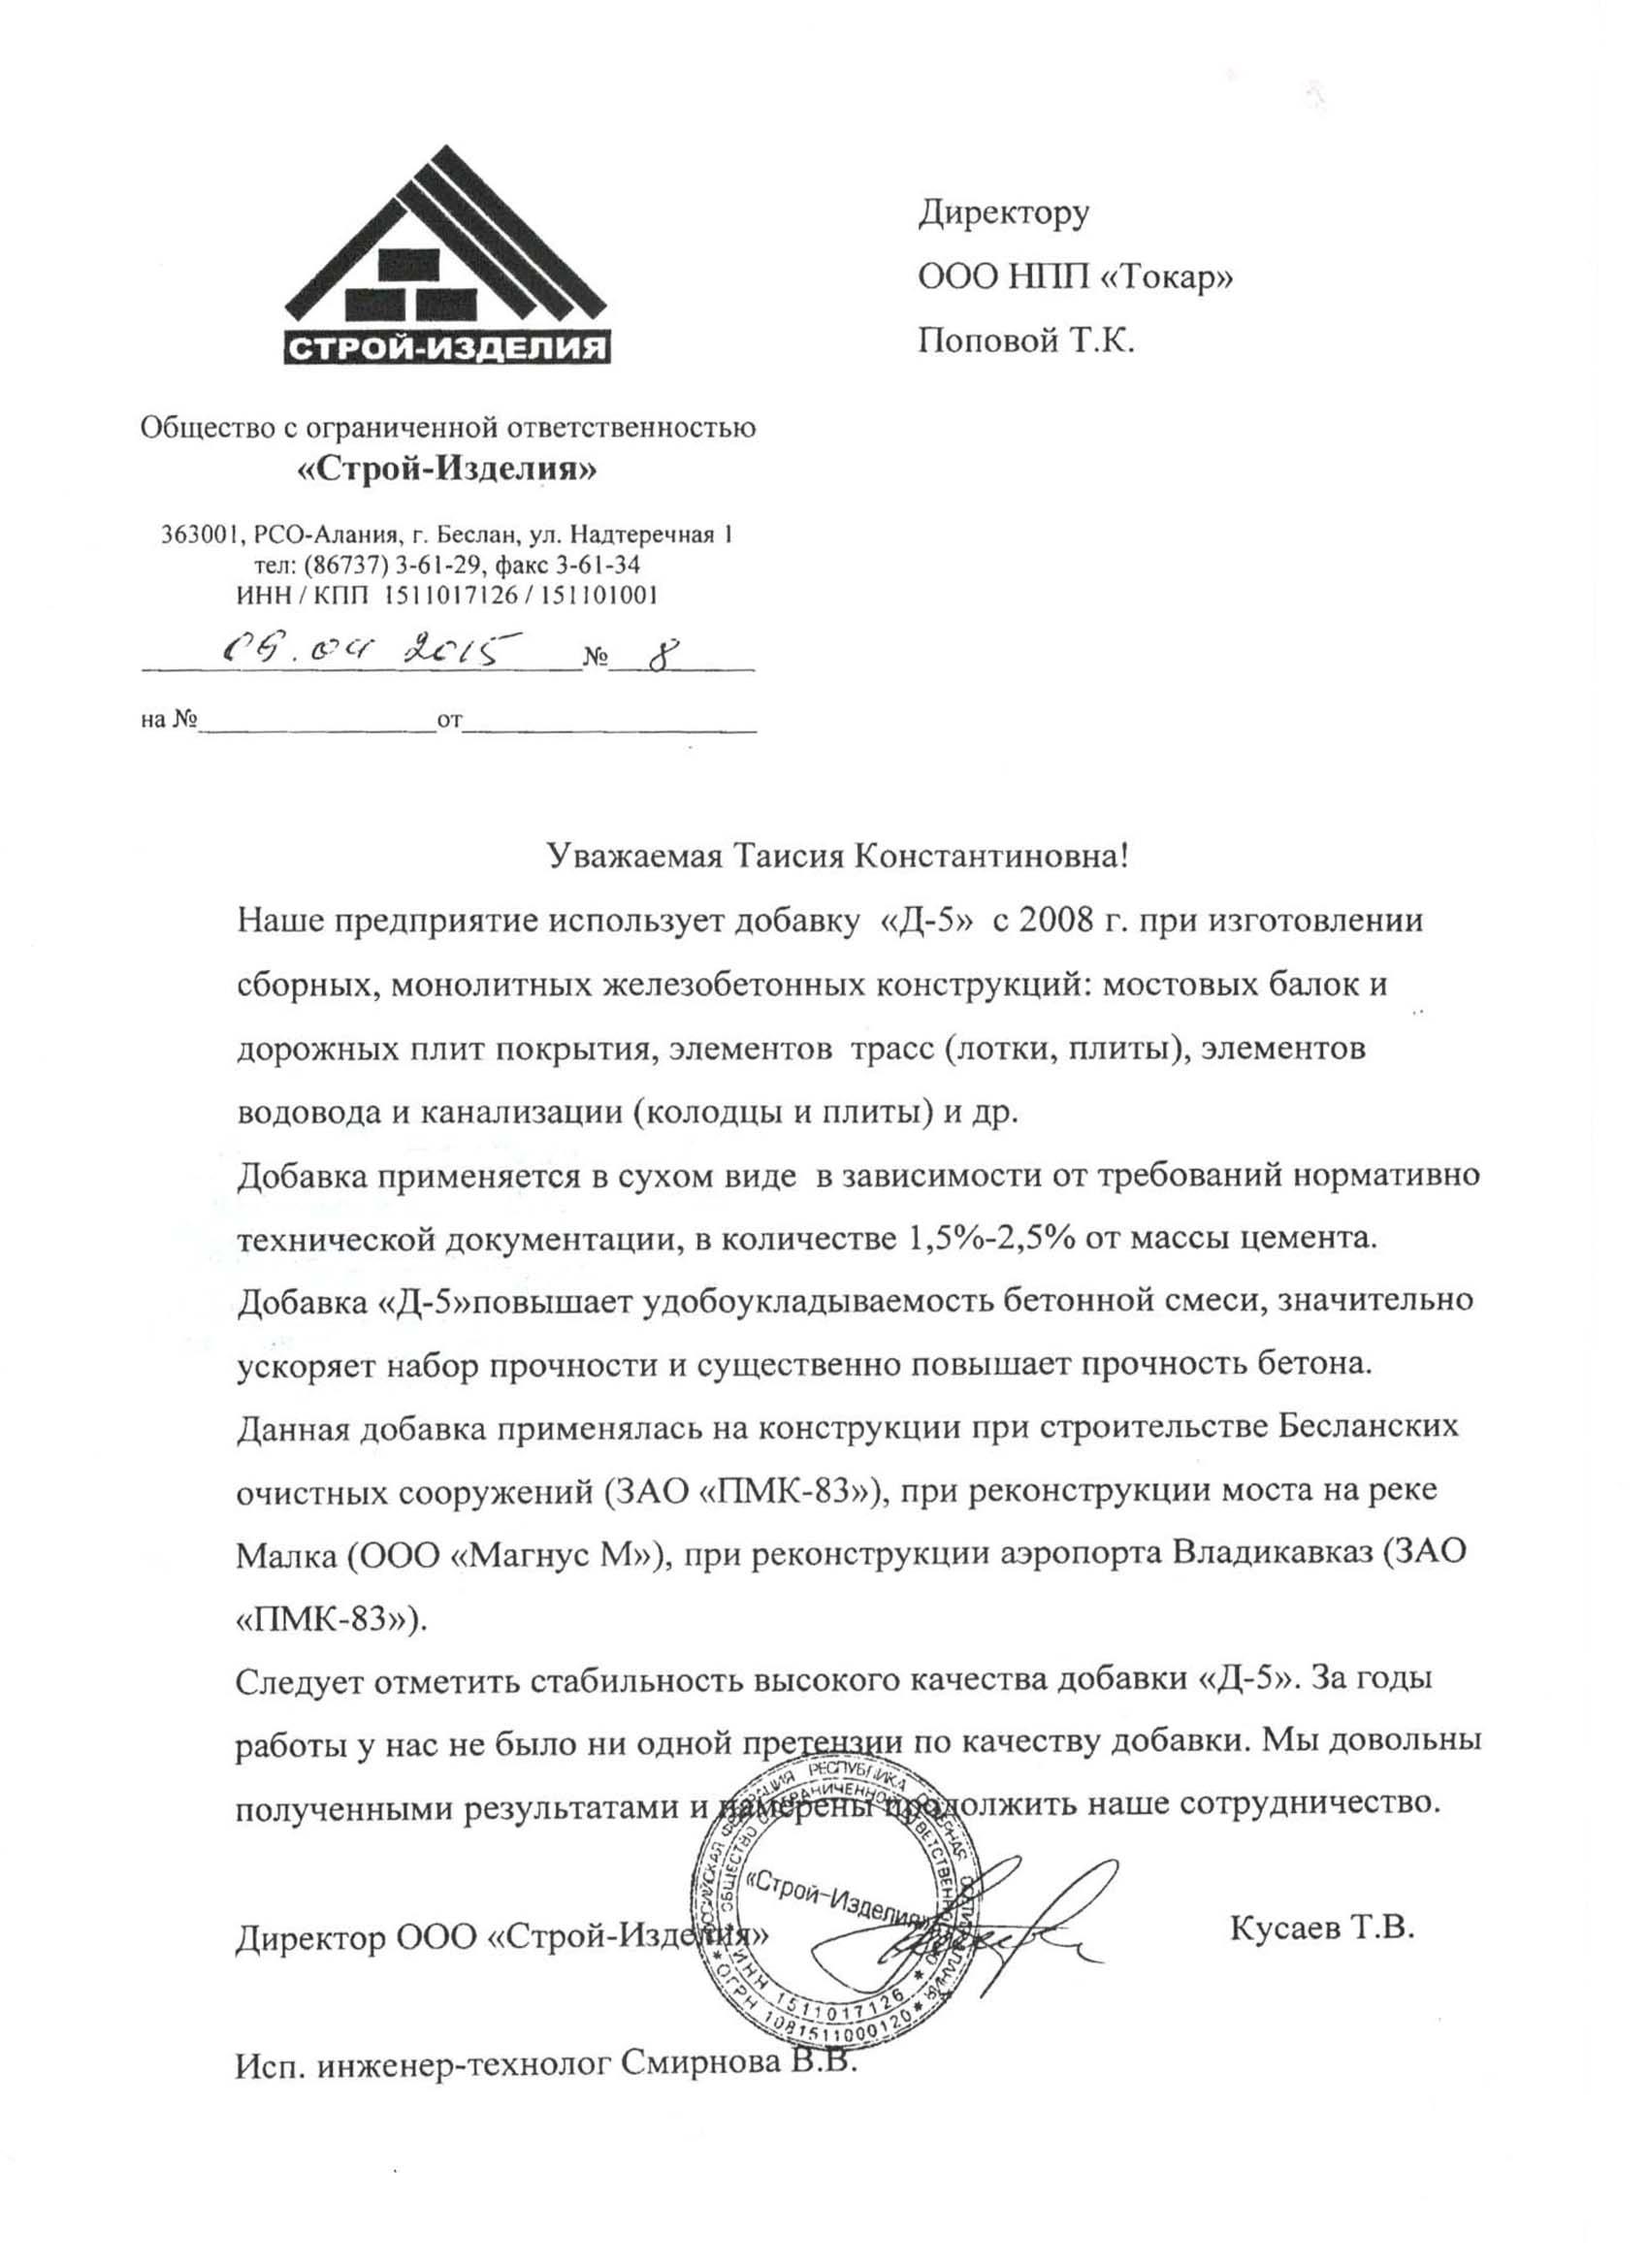 ООО «Строй-изделия»